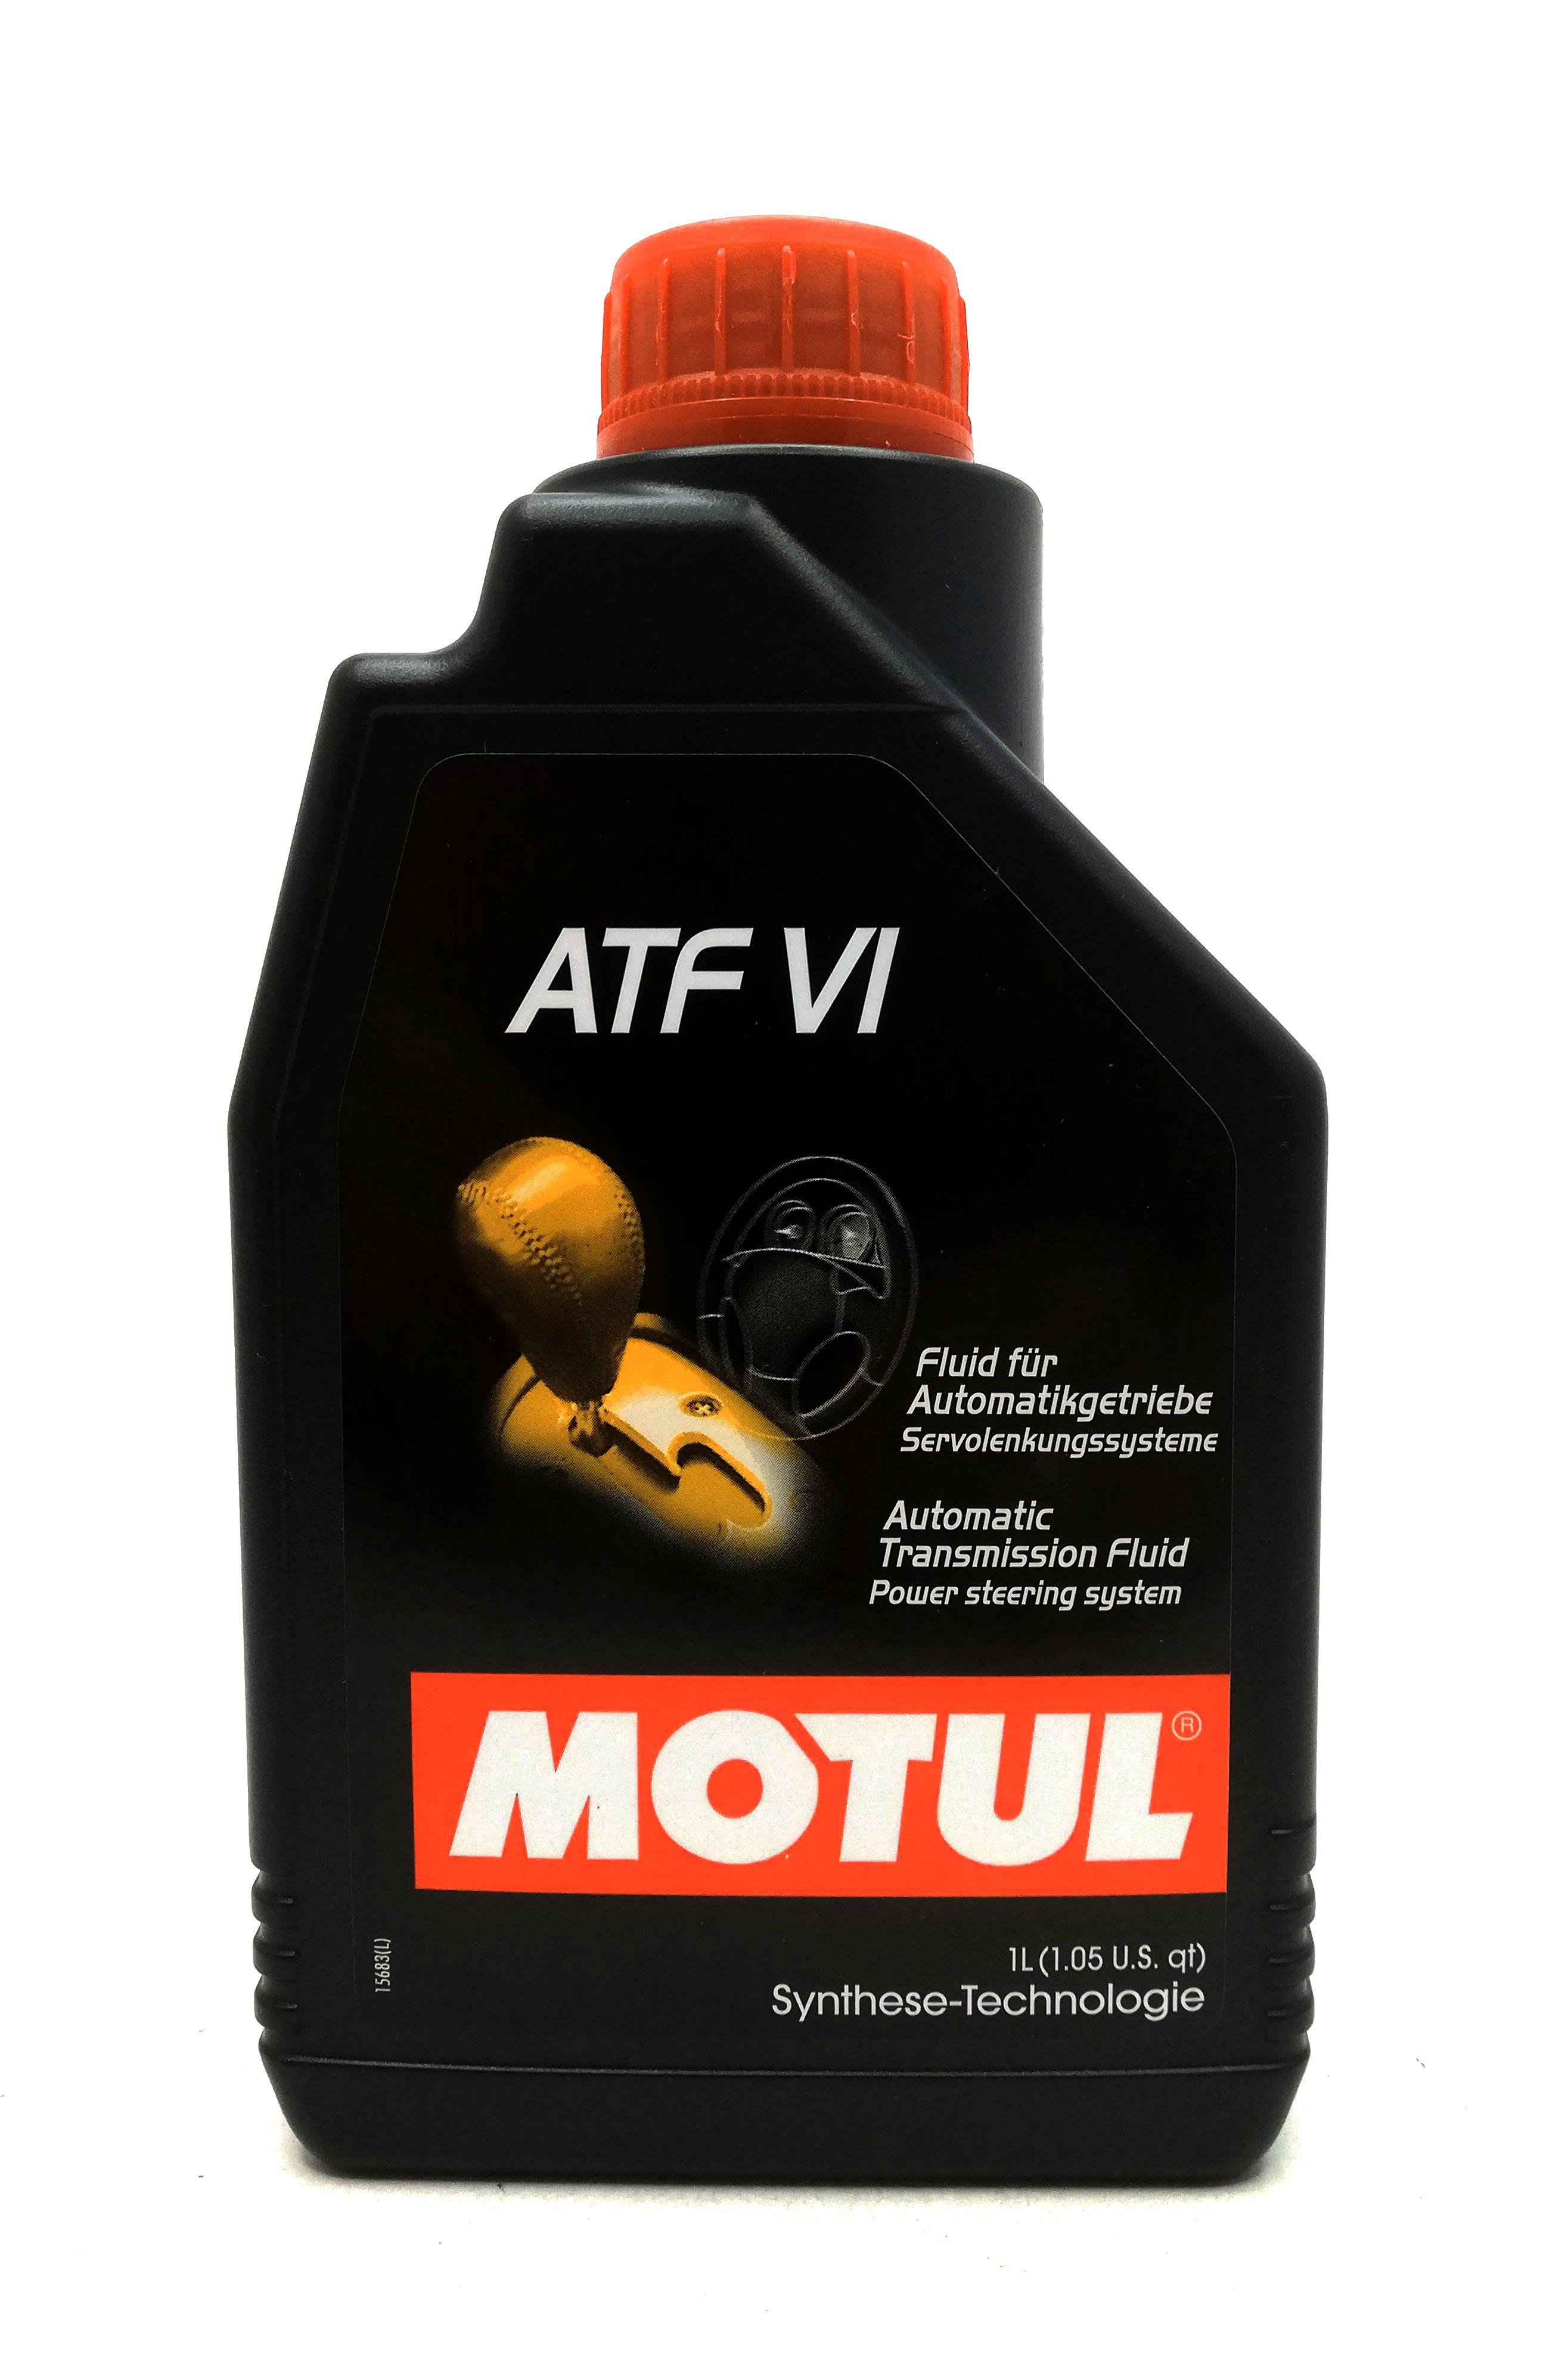 1 Liter Motul ATF VI für Automatikgetriebe und Servolenkungssysteme